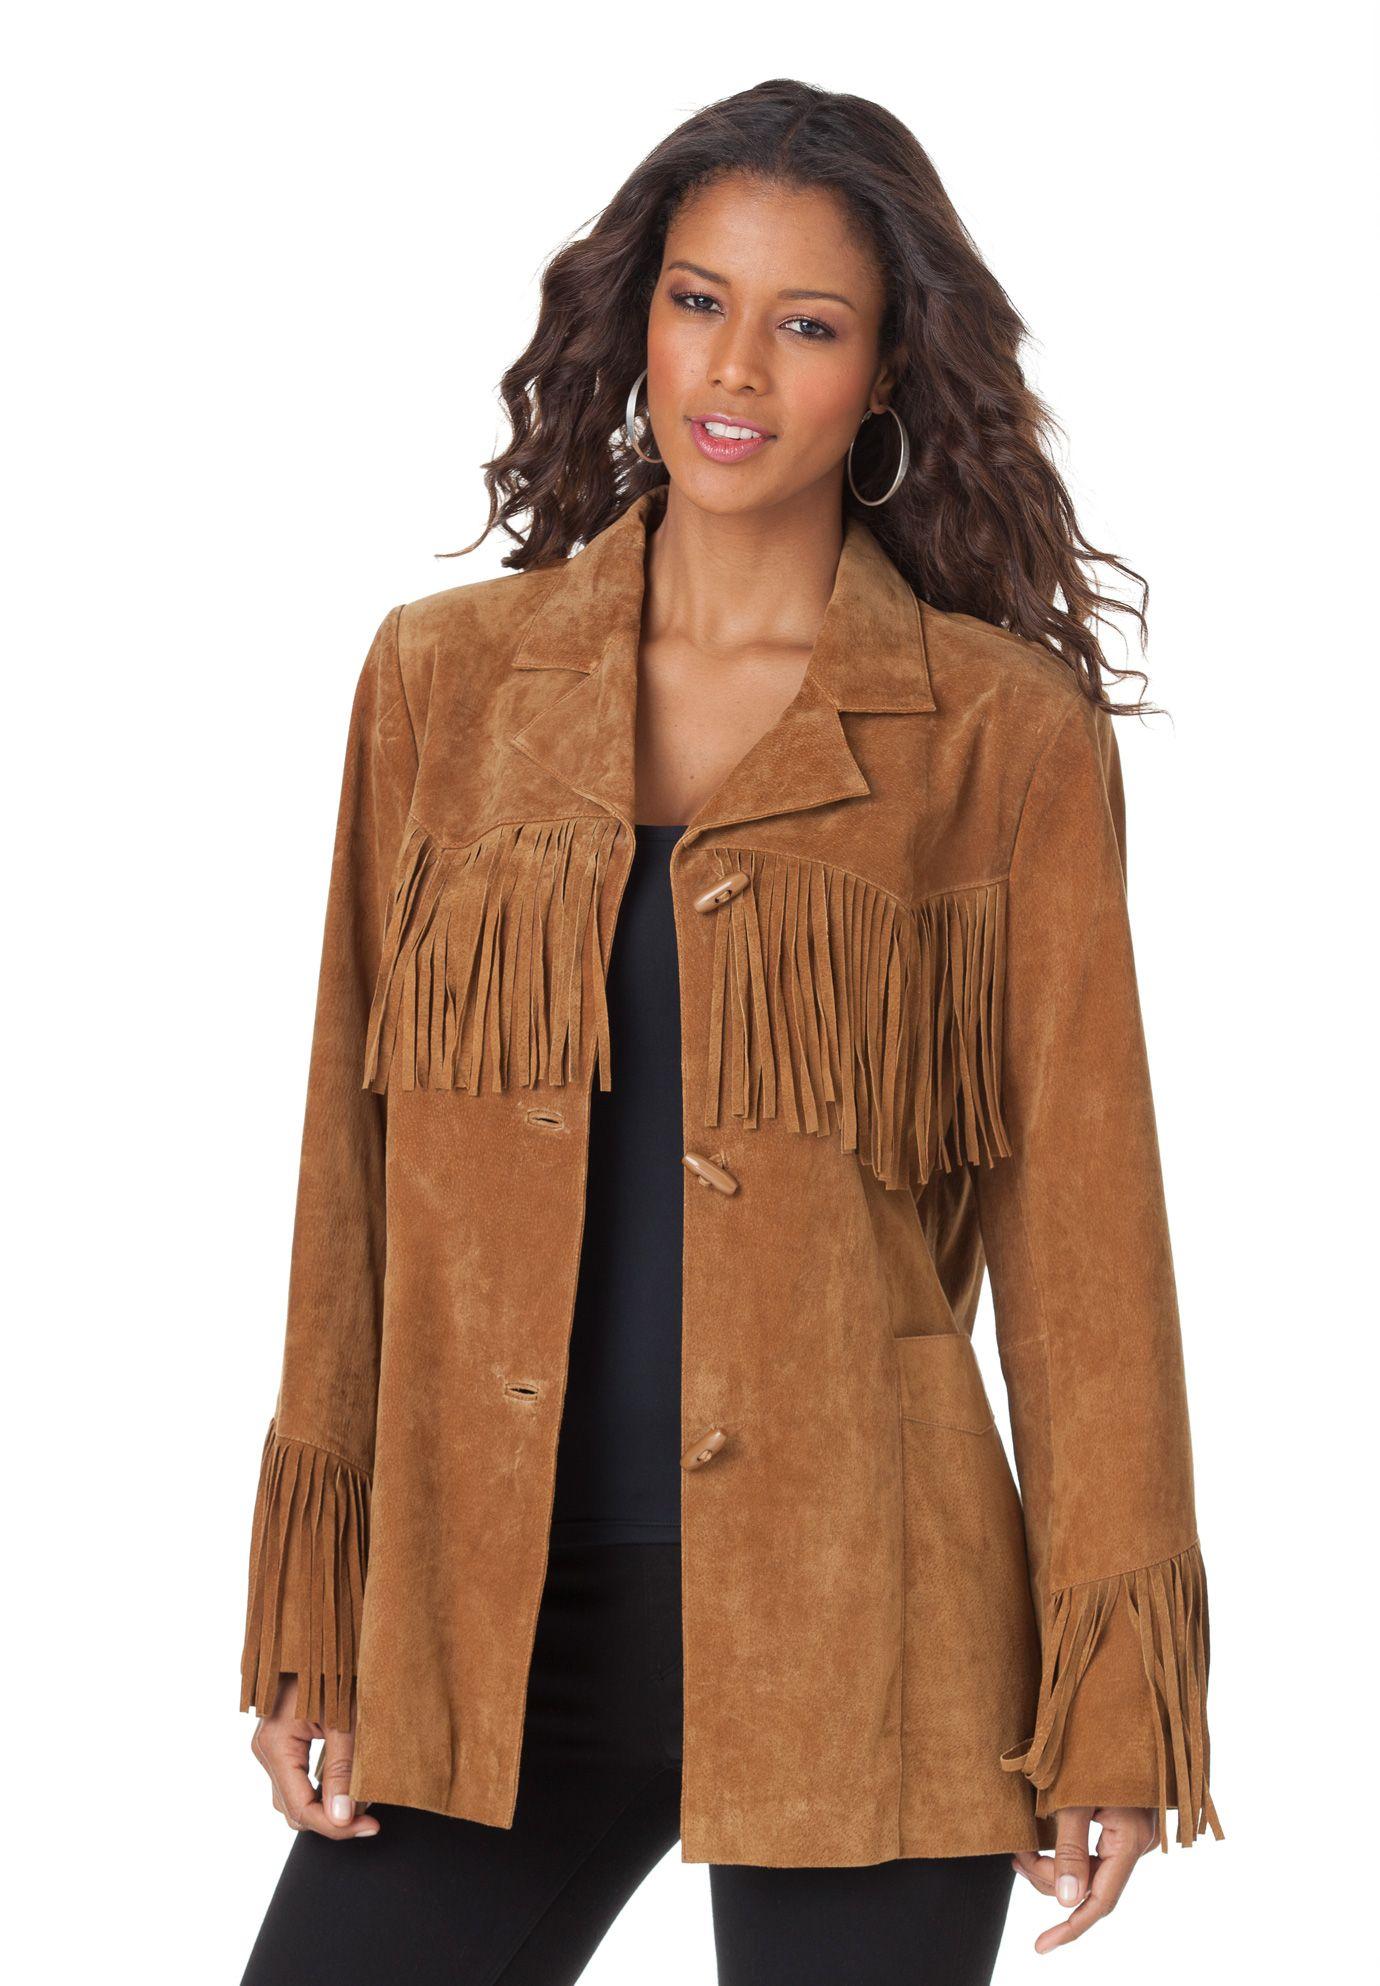 vintage fringed leather jacket Fringed leather suede jacket Vintage suede leather jacket 80s Vintage leather nail with blue fringe